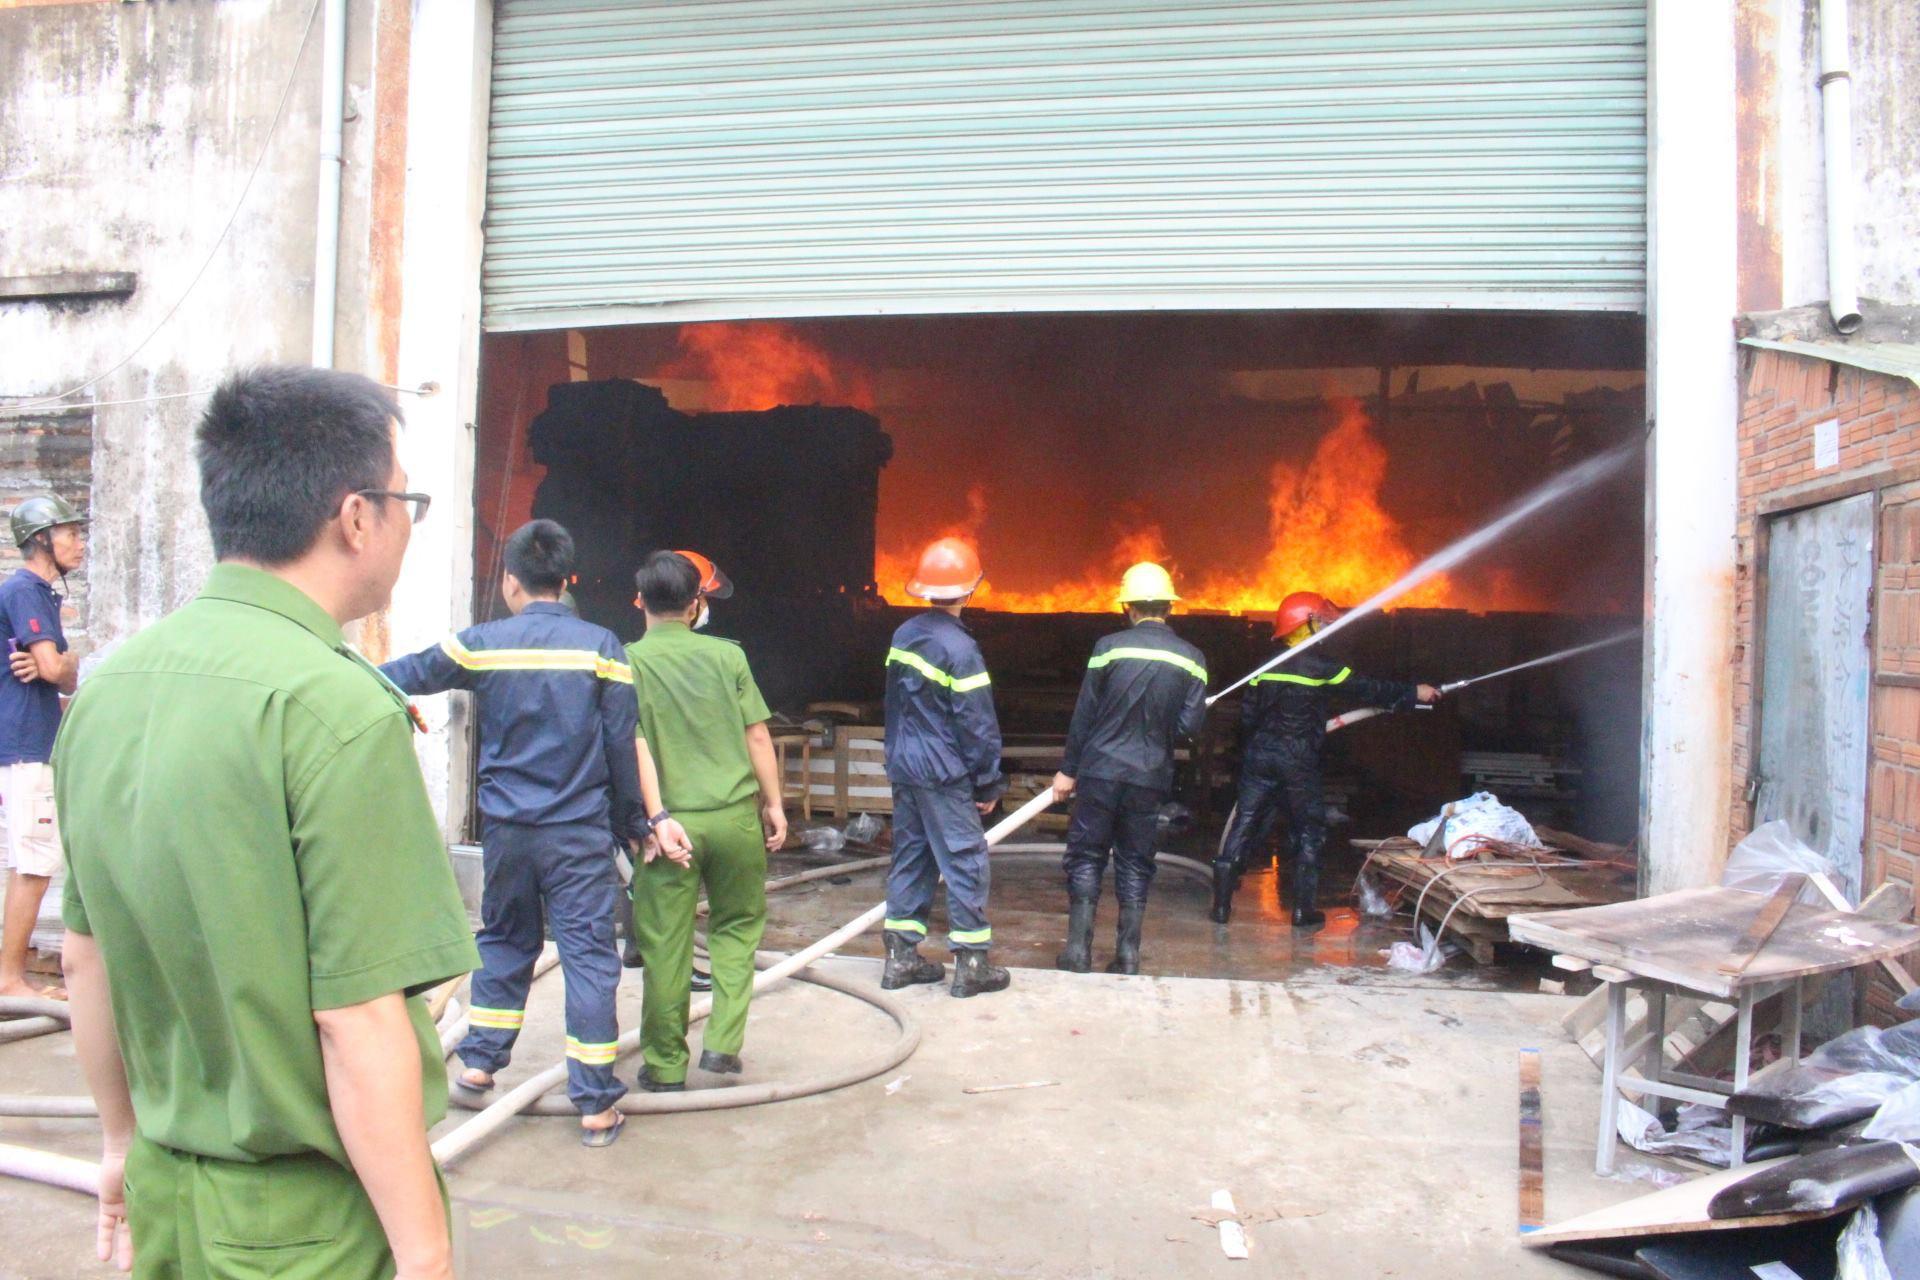 Xưởng gỗ cháy kinh hoàng, nhiều công nhân mất việc ngày cận Tết - Ảnh 1.